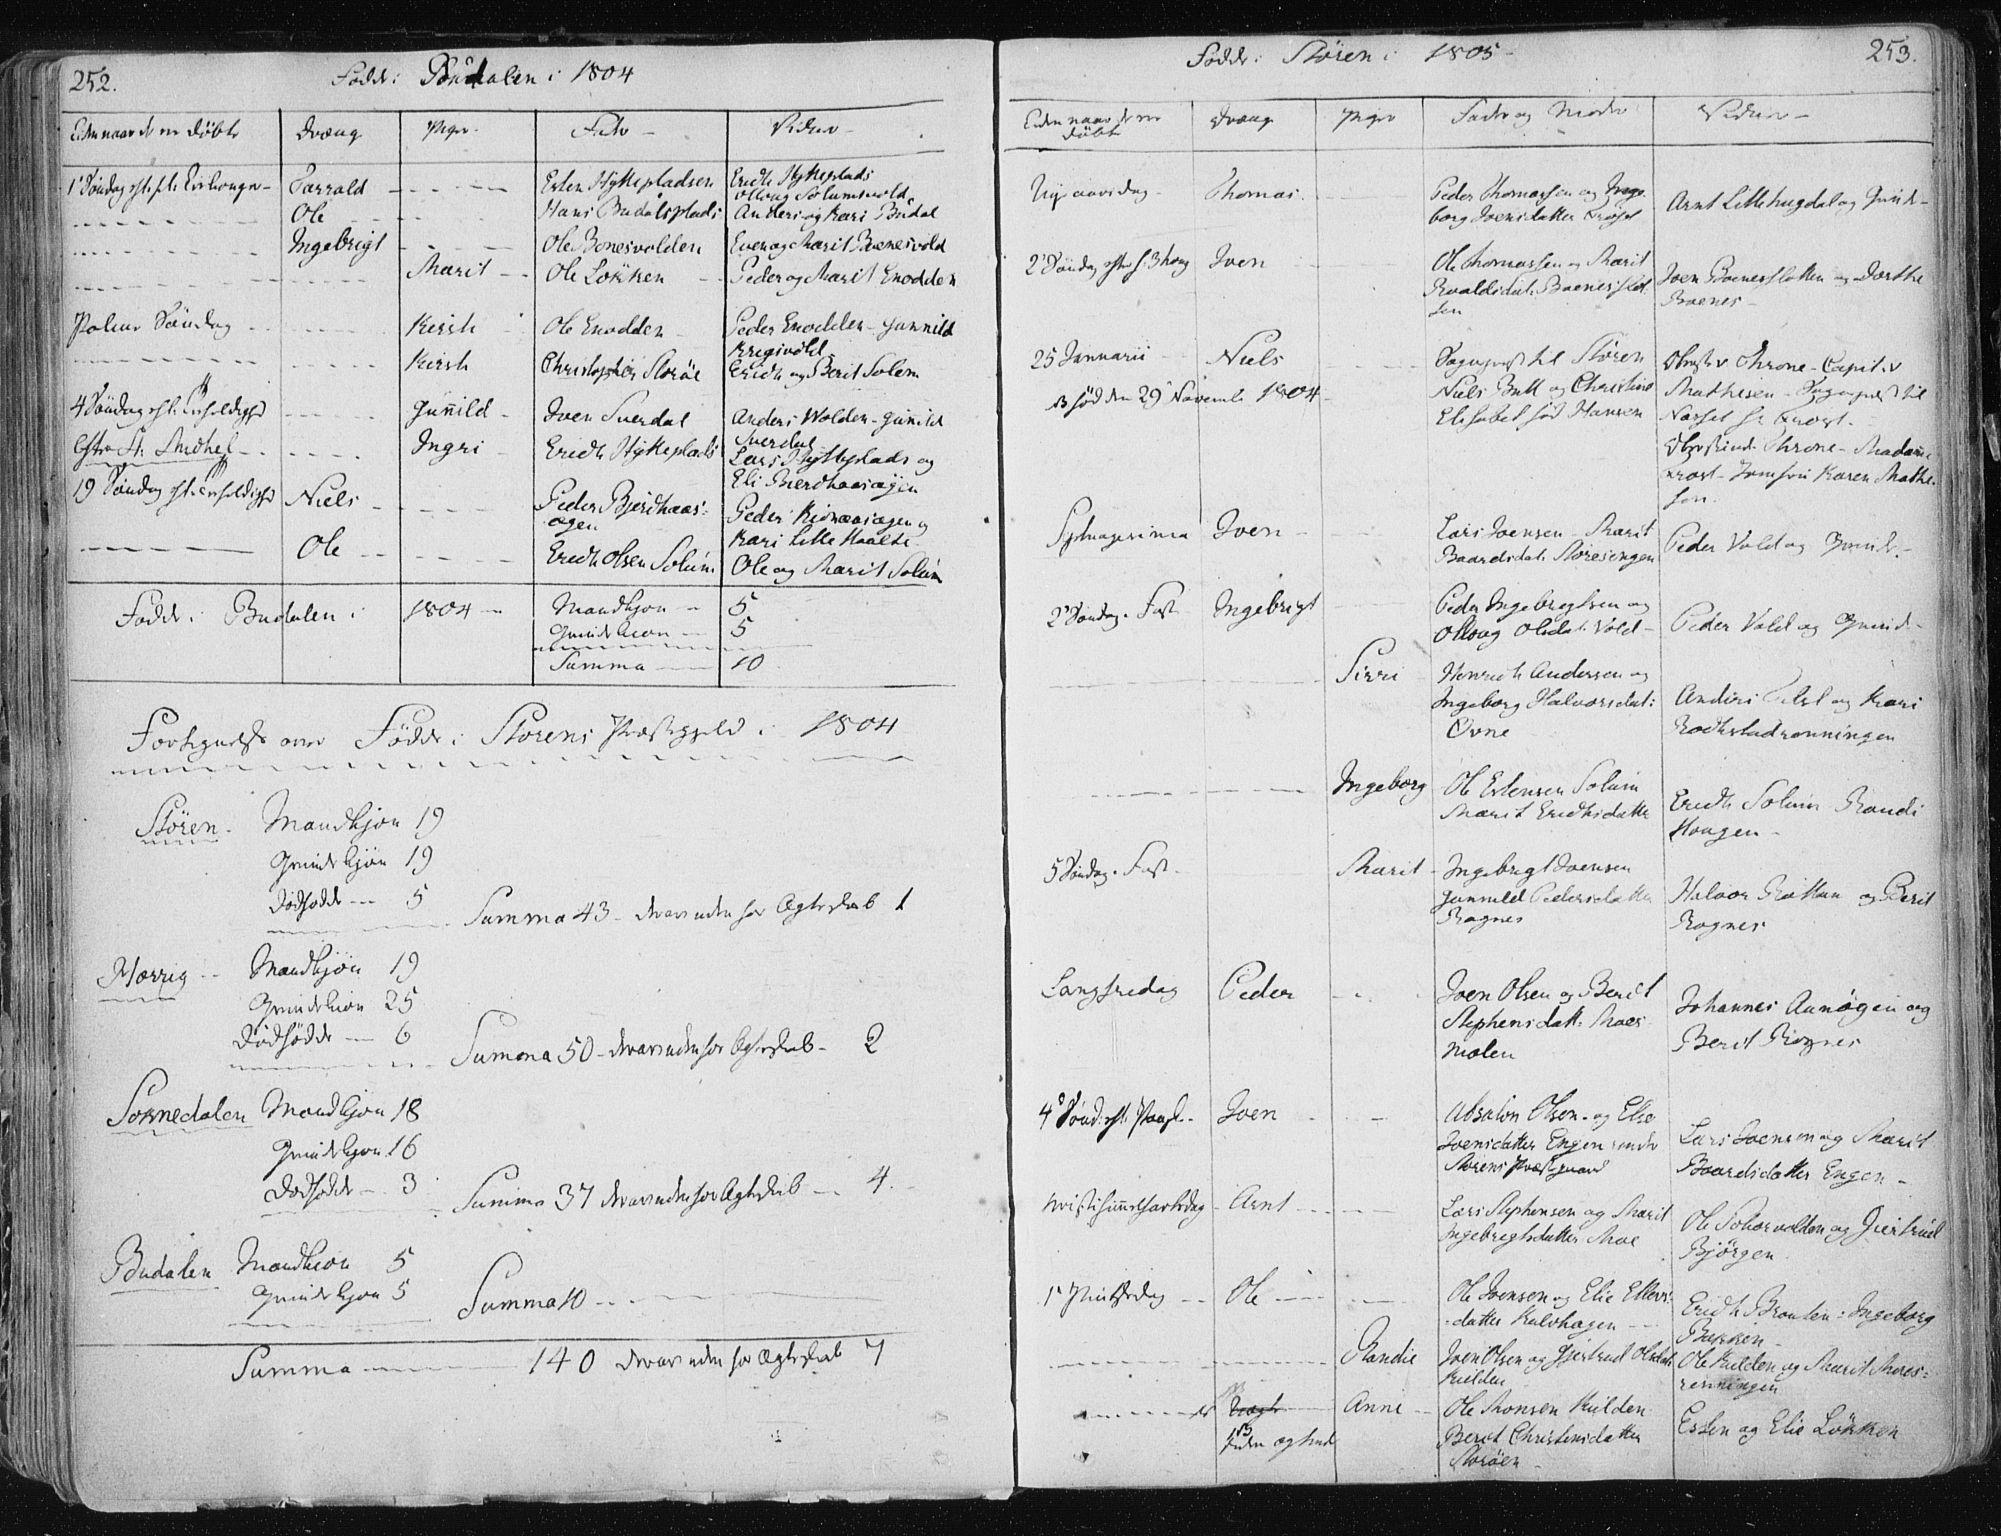 SAT, Ministerialprotokoller, klokkerbøker og fødselsregistre - Sør-Trøndelag, 687/L0992: Ministerialbok nr. 687A03 /1, 1788-1815, s. 252-253